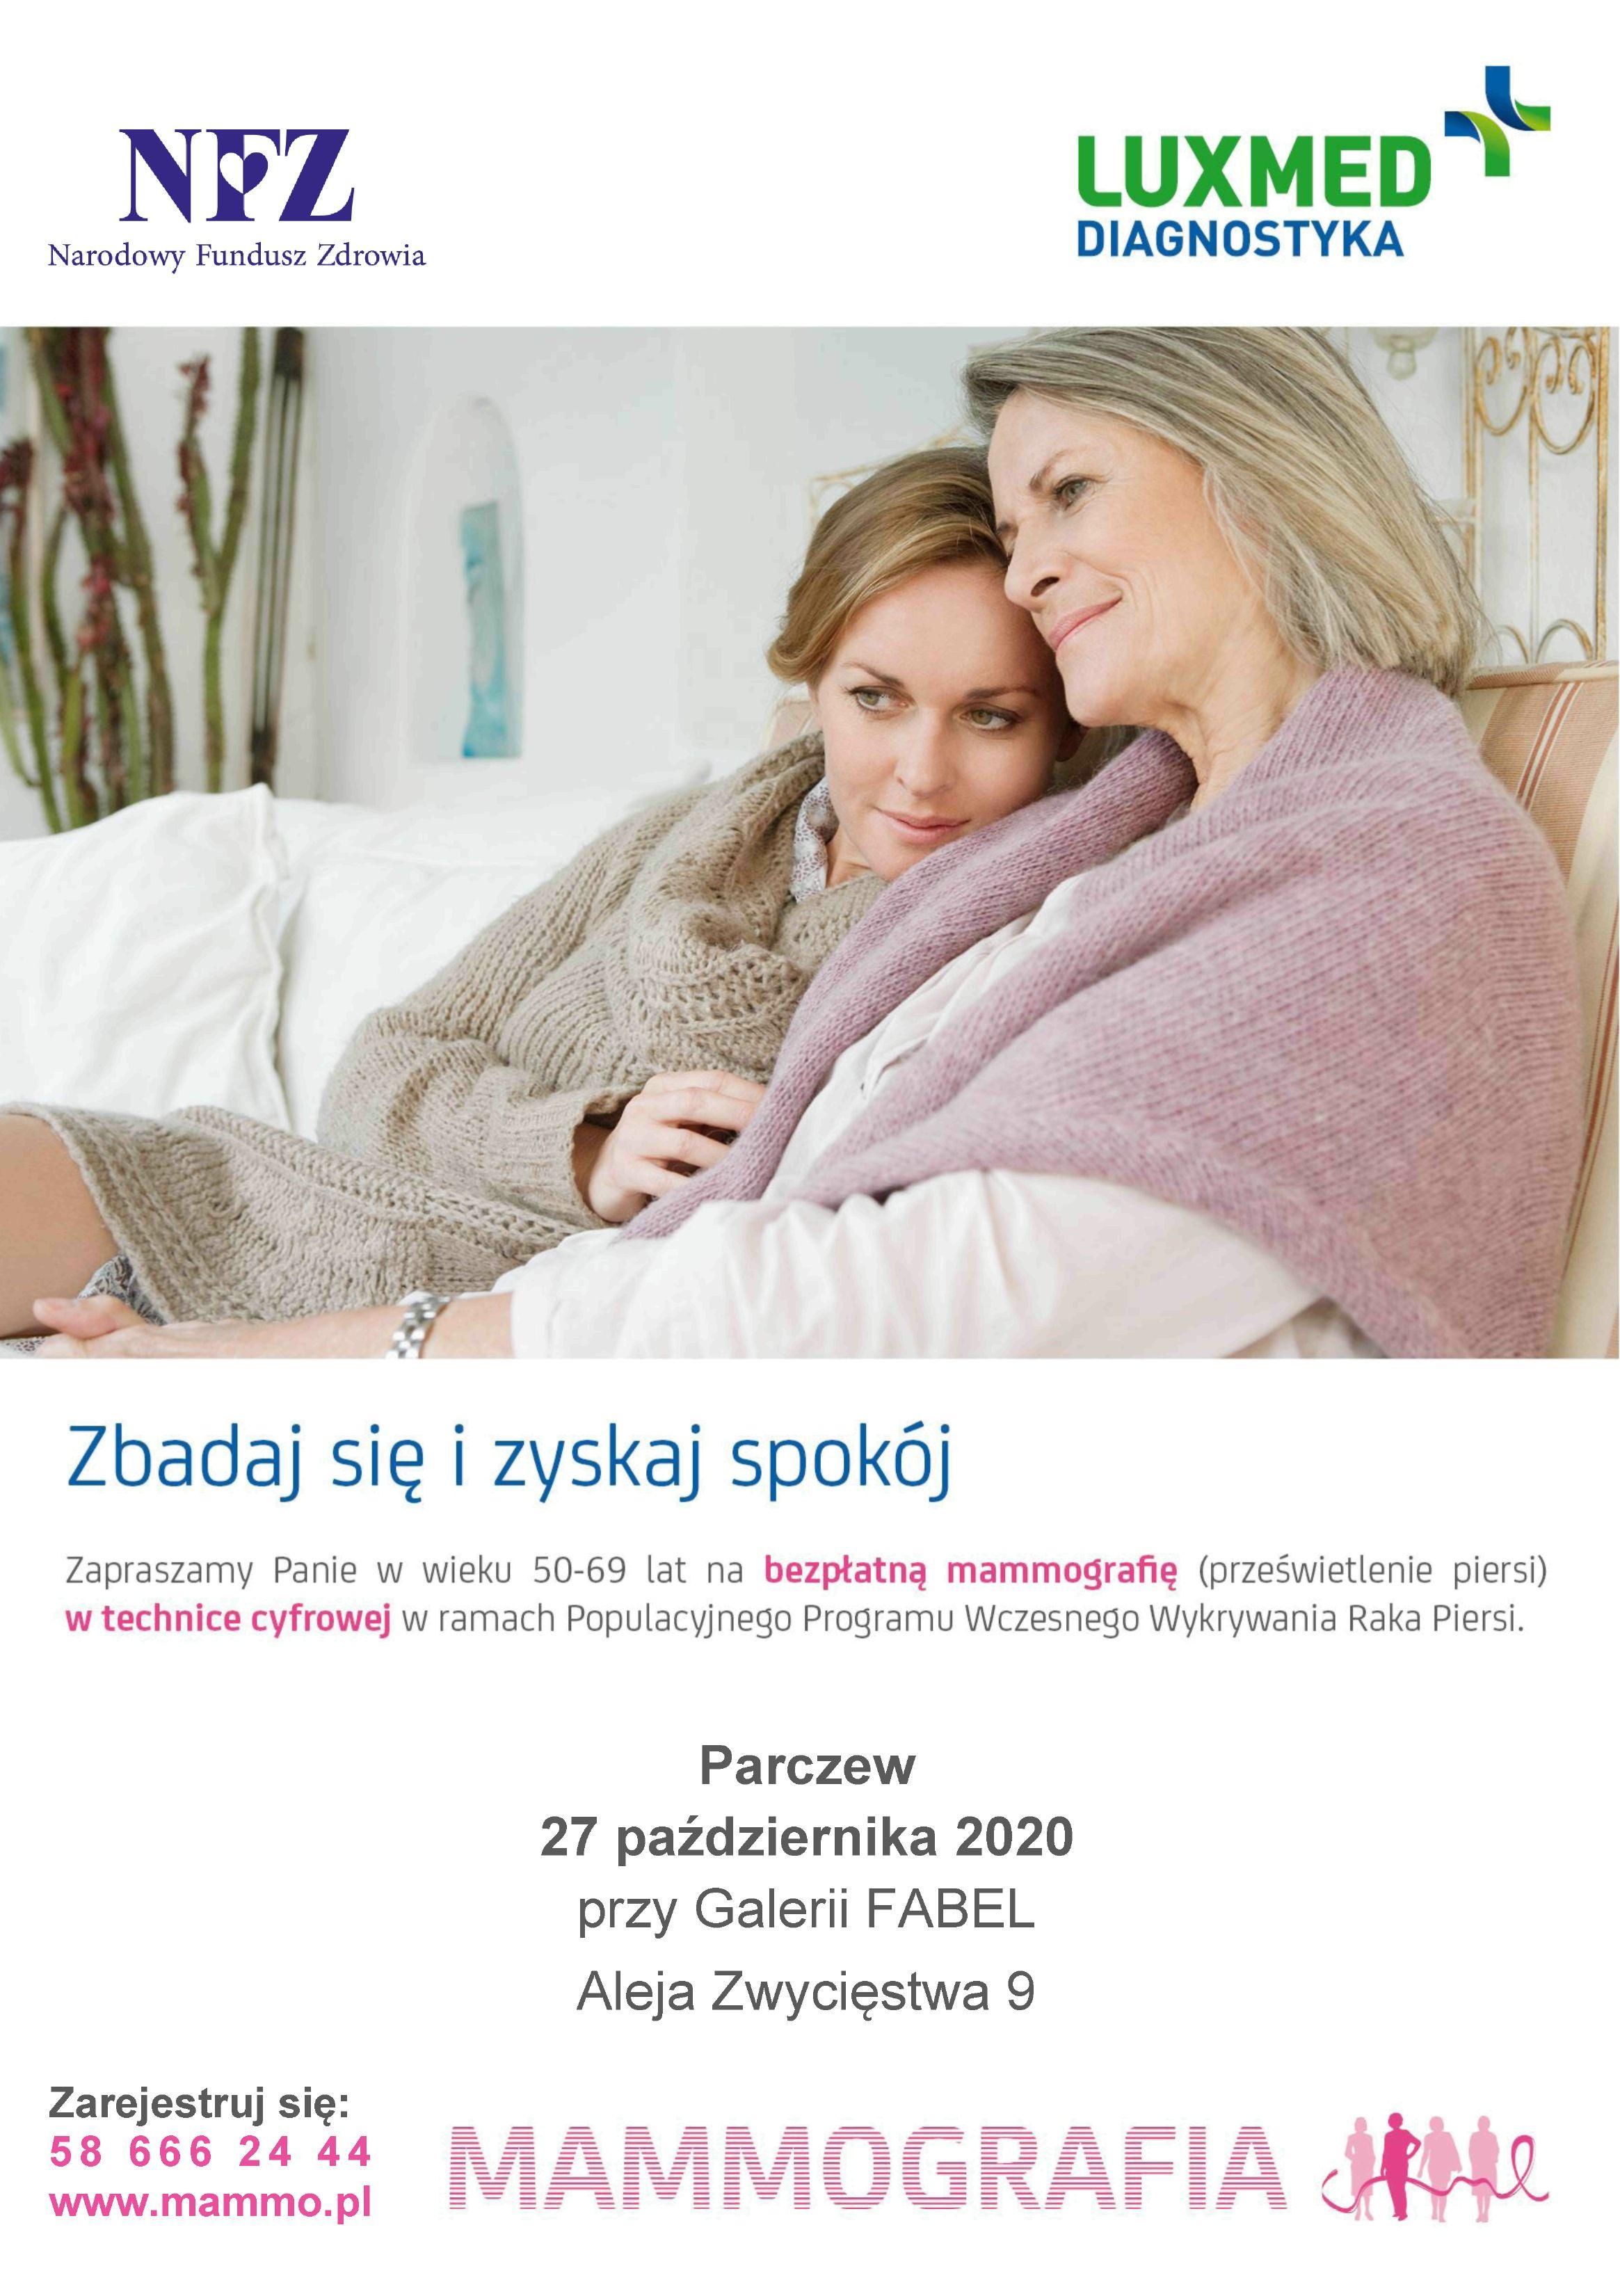 Zapraszamy na badanie mammograficzne w Parczewie 27 października 2020 w godzinach od 9.00 do 16.00 przy Galerii FABEL, Aleja Zwycięstwa 9.